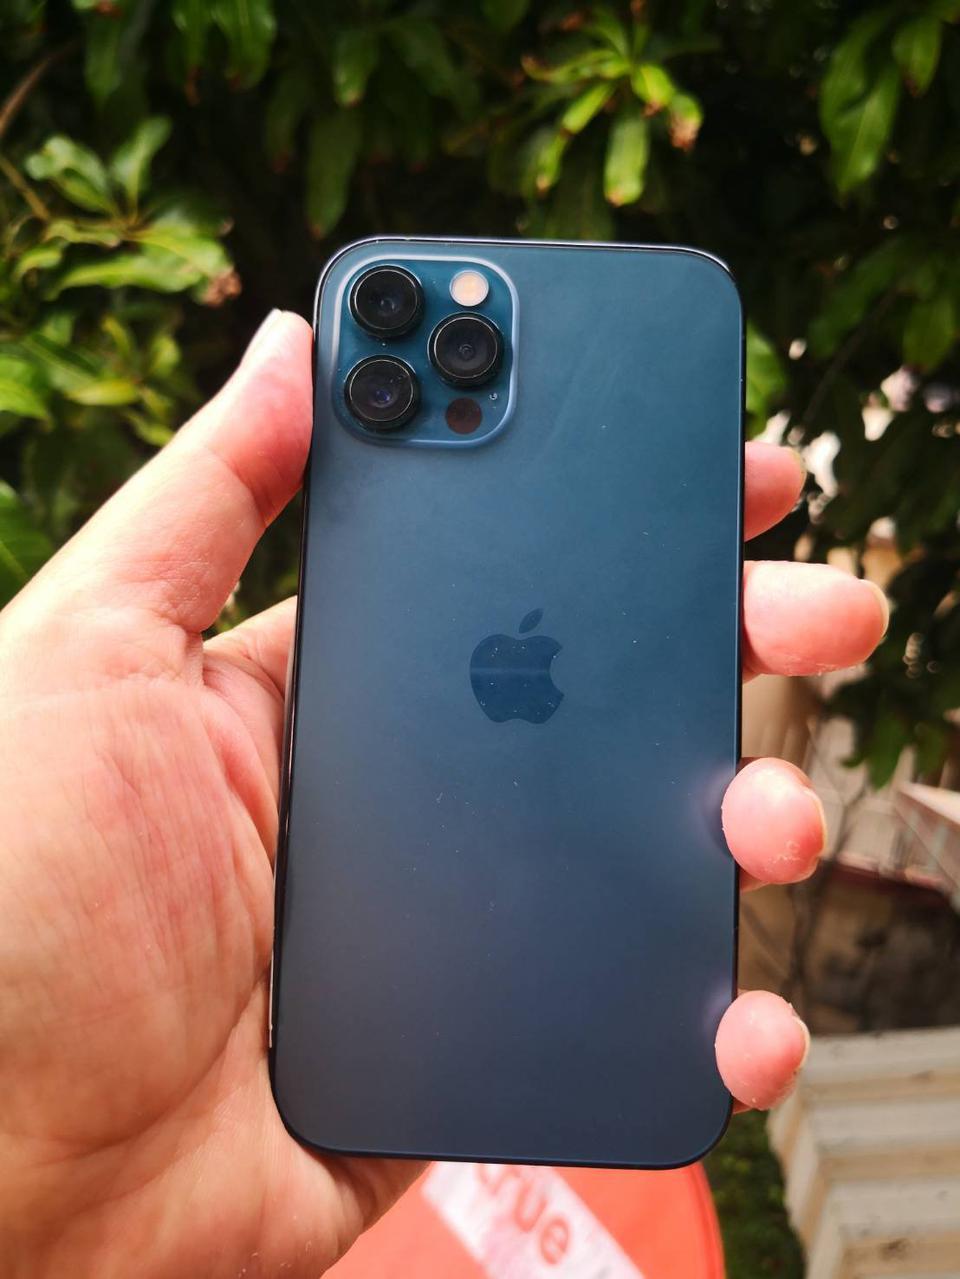 รับซื้อมือถือ iPhone ทุกรุ่น  ติดรหัสหน้าจอติดคราว เราก็รับไว้เป็นอะไหล่ รูปที่ 1